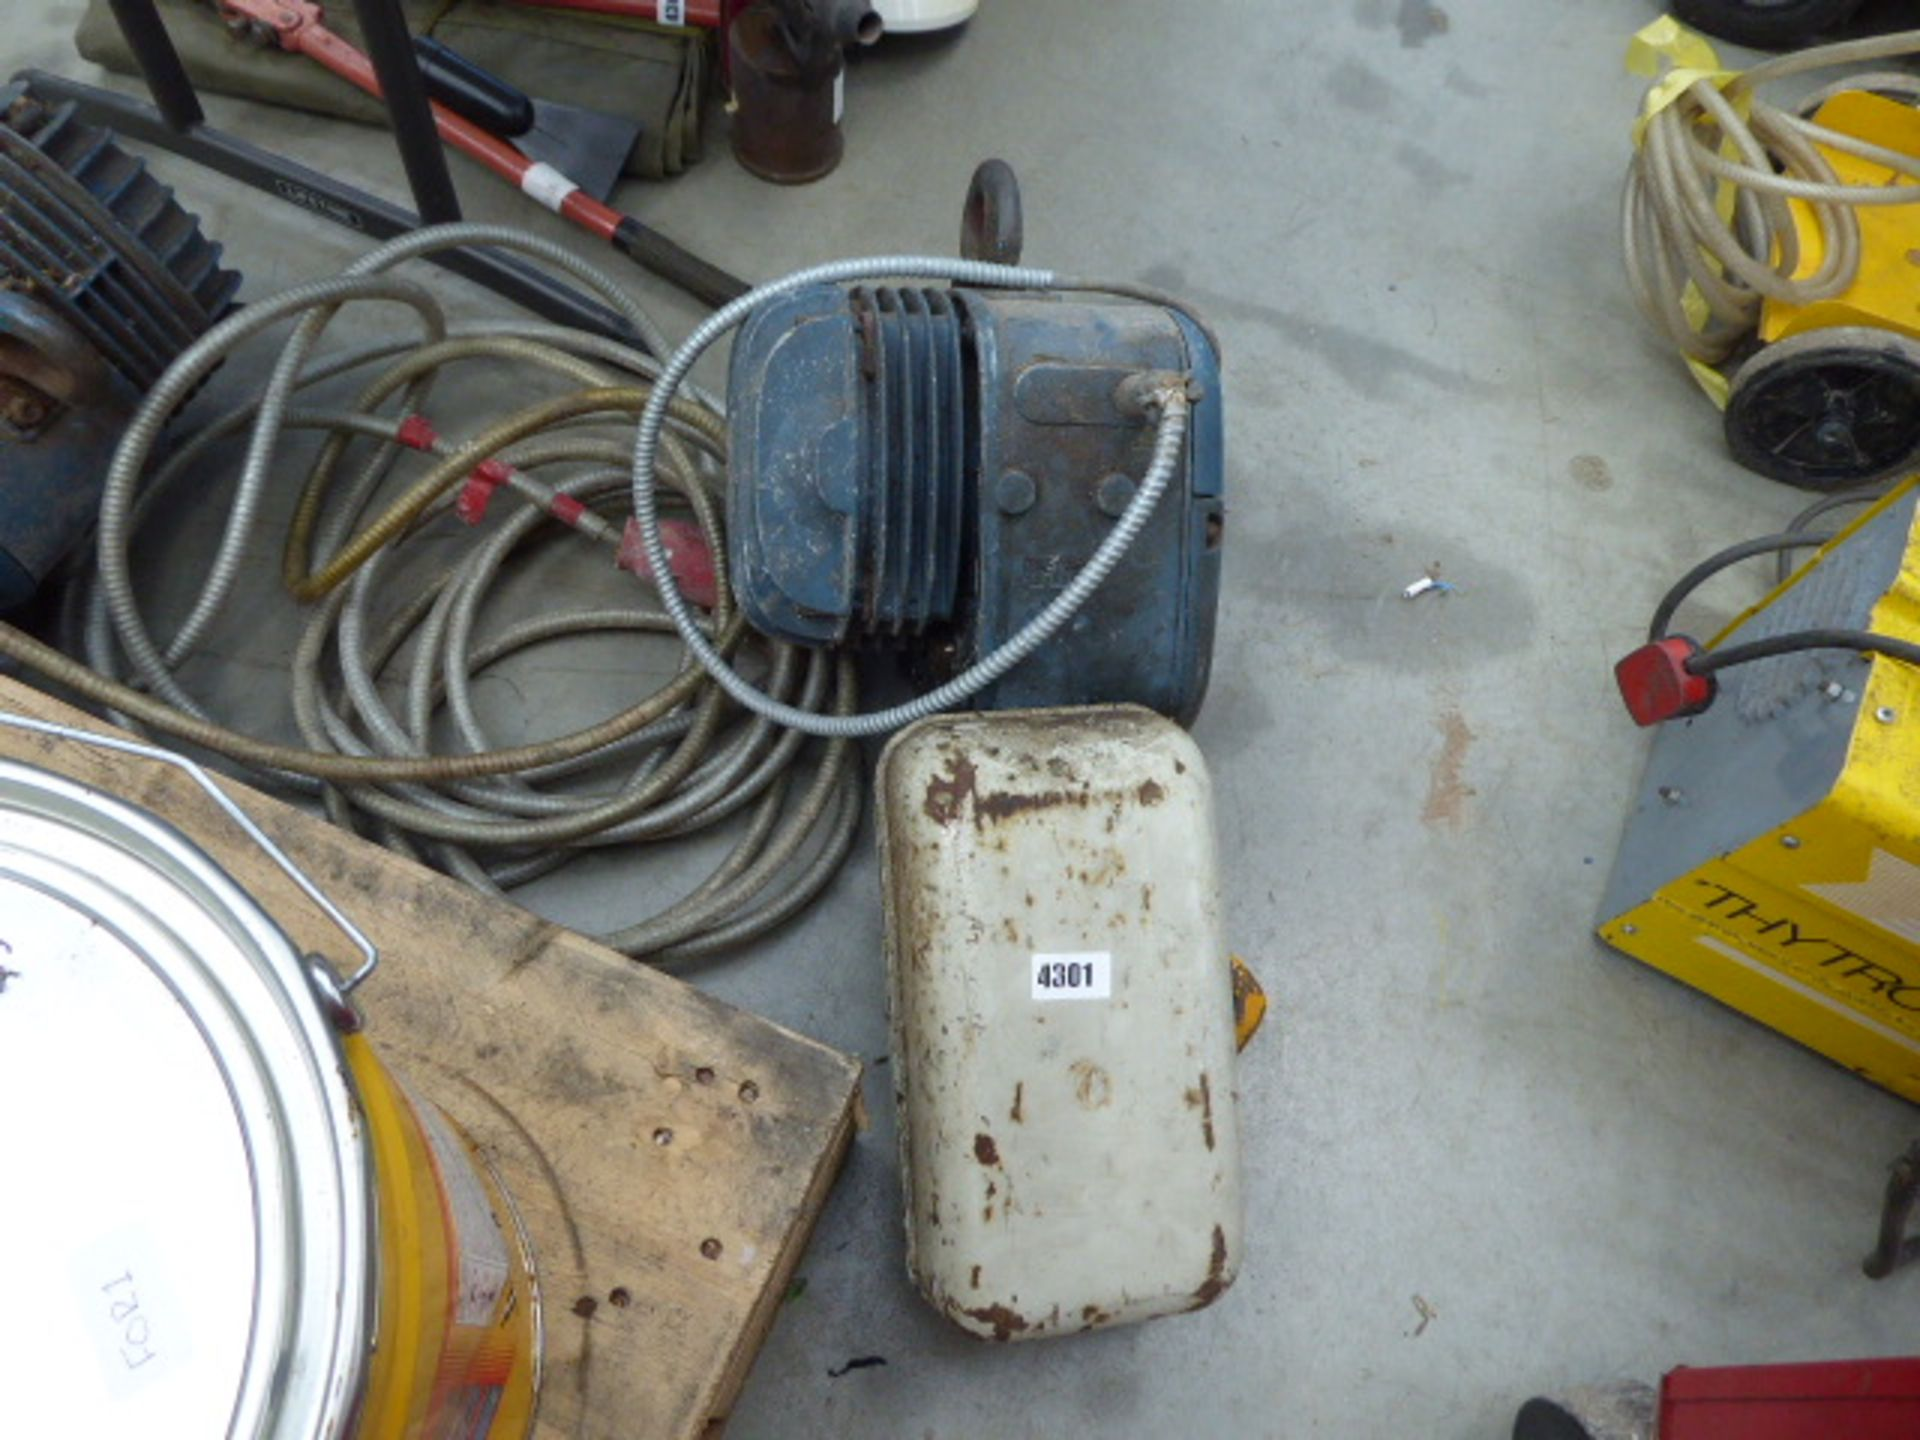 Lot 4301 - Large electric hoist